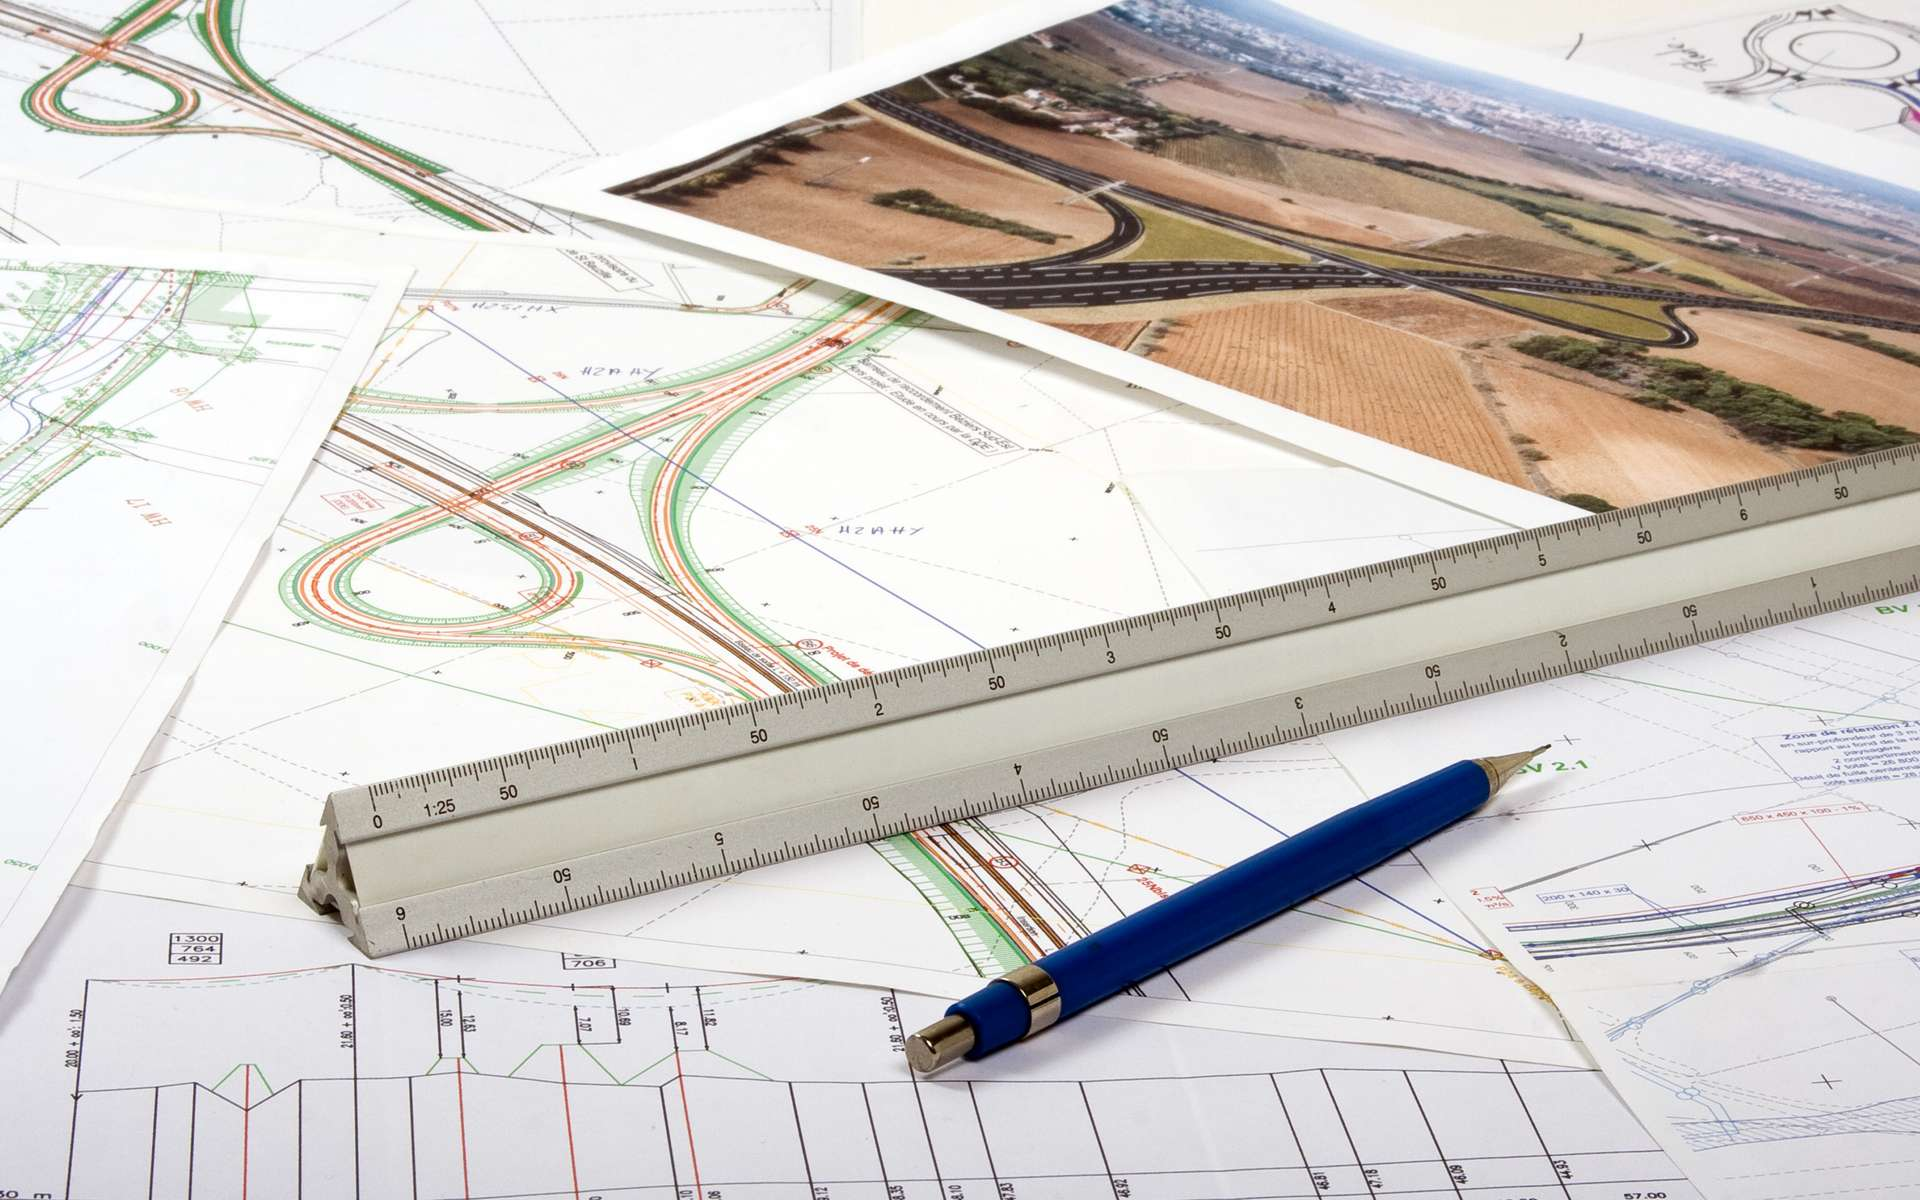 Grâce au recueil et à l'exploitation de données géographiques, le géomaticien influence l'aménagement du territoire en définissant les zones les plus adaptées à la construction de nouvelles infrastructures routières par exemple. © Olivier-Tuffé, Adobe Stock.